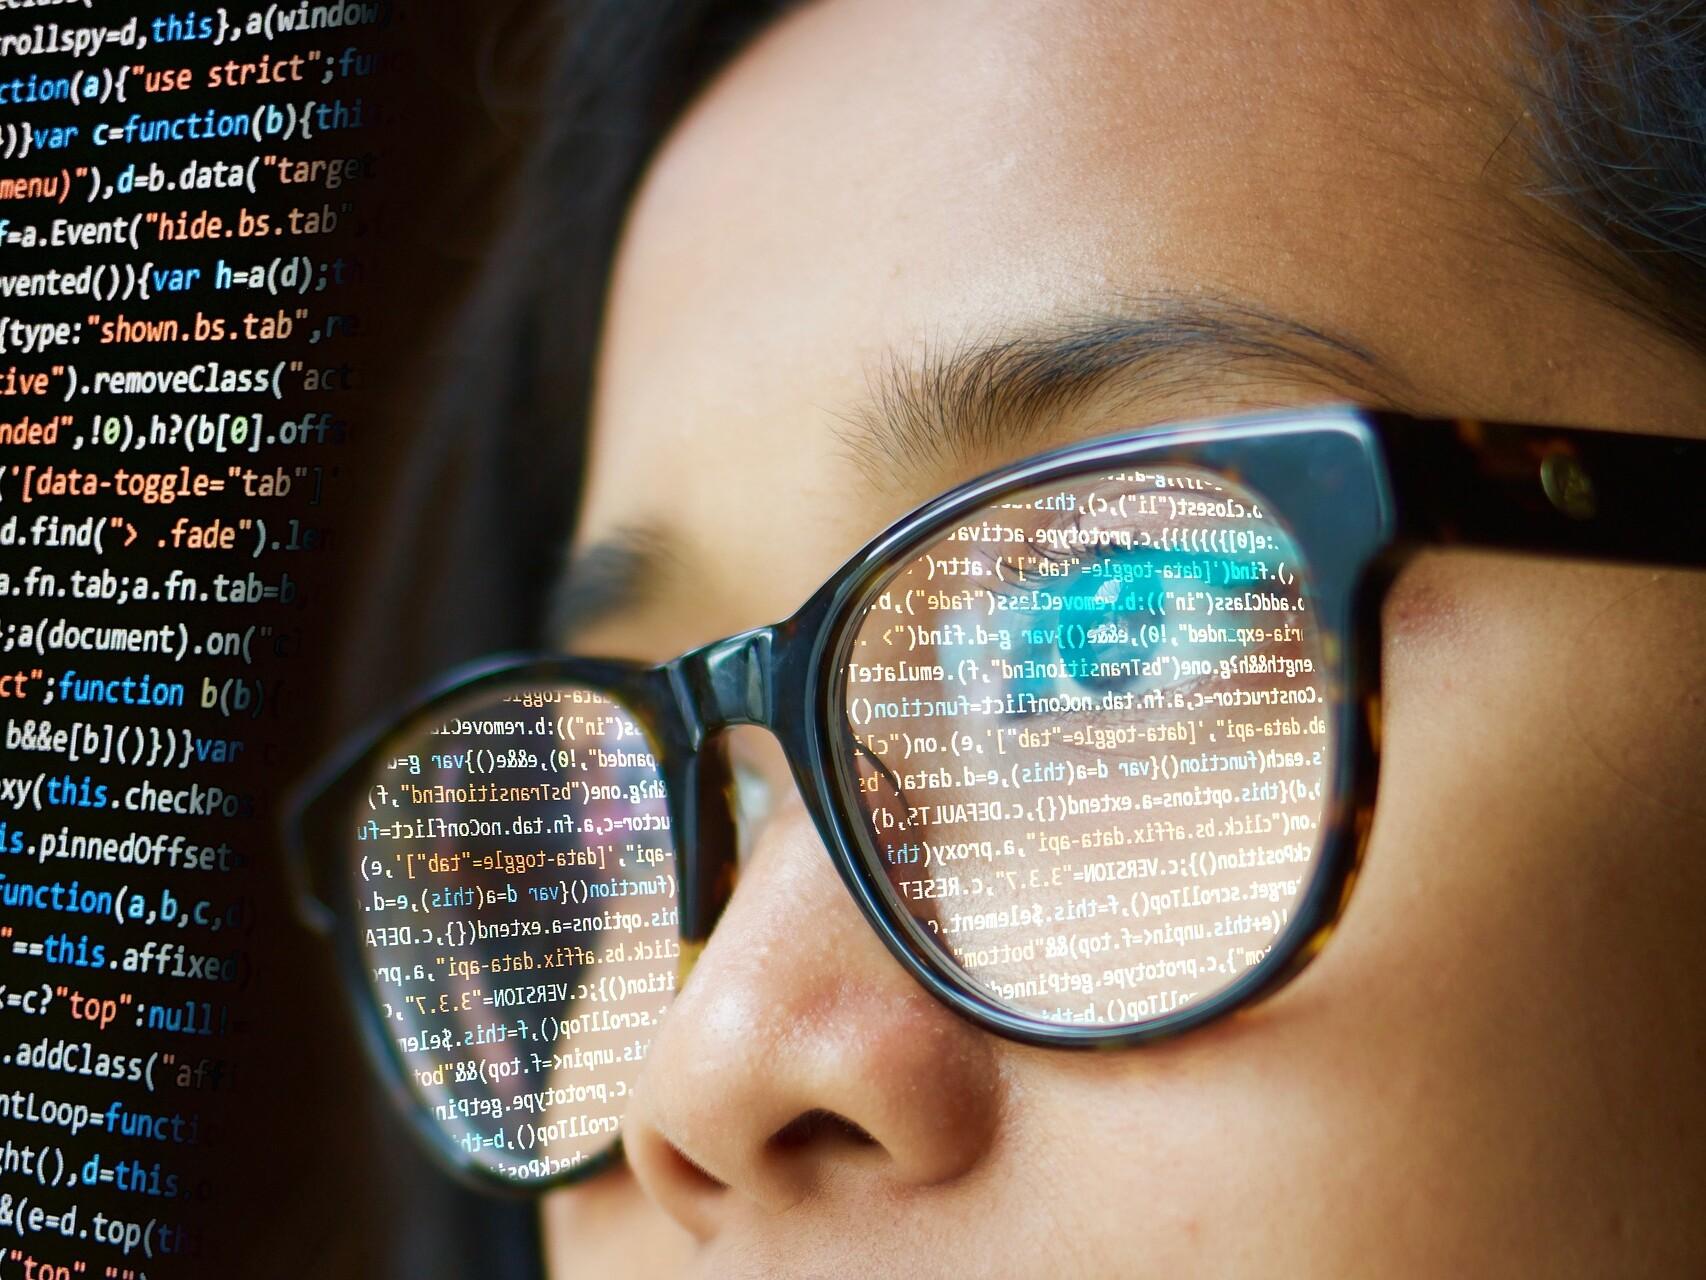 Frau mit Brille schaut auf einen Computerbildschirm mit Programmiersprache.